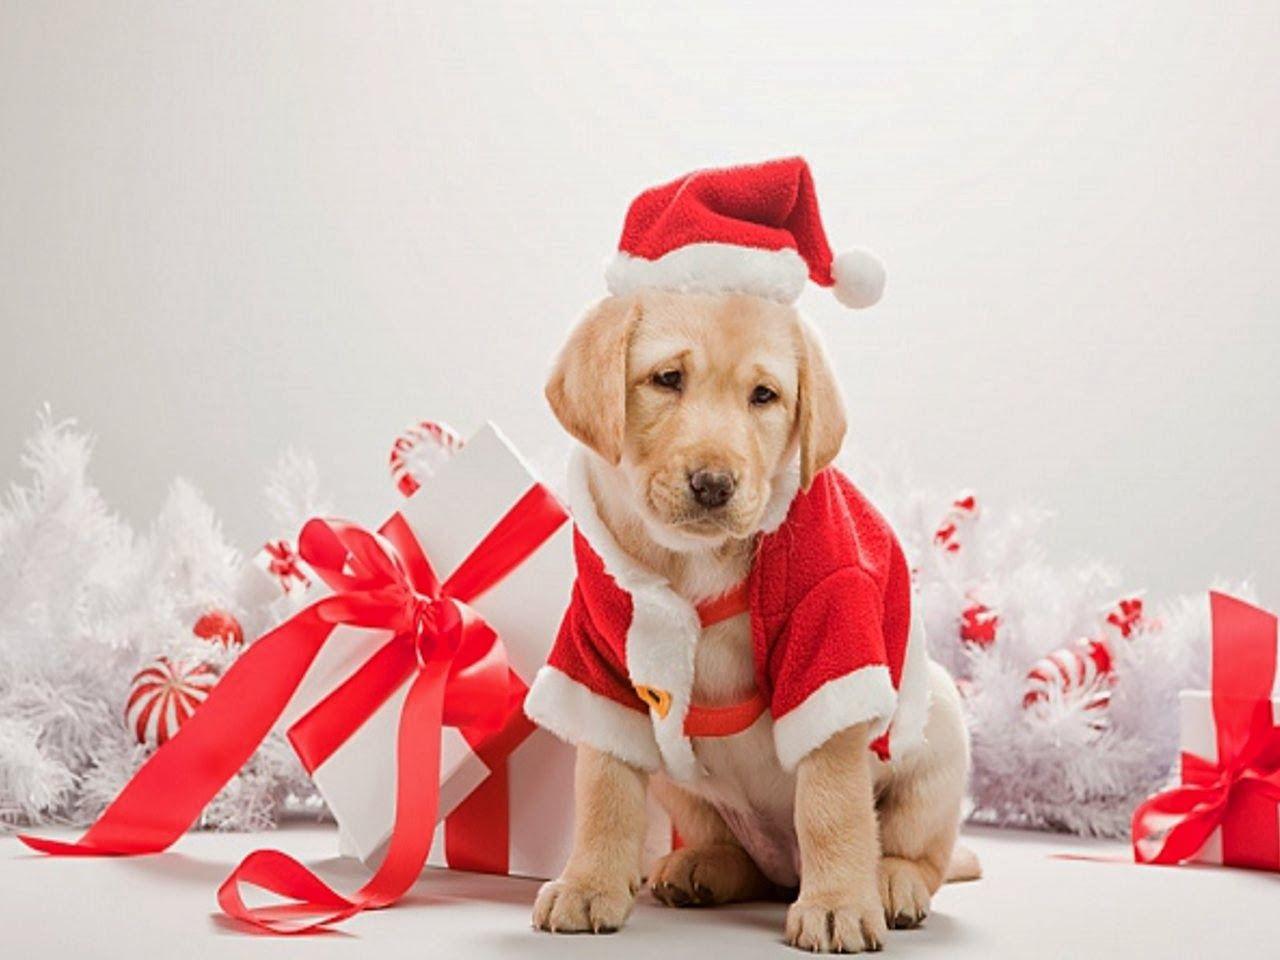 Cute Christmas Dog Wallpapers 2014 Christmas Dog Dog Christmas Gifts Christmas Puppy